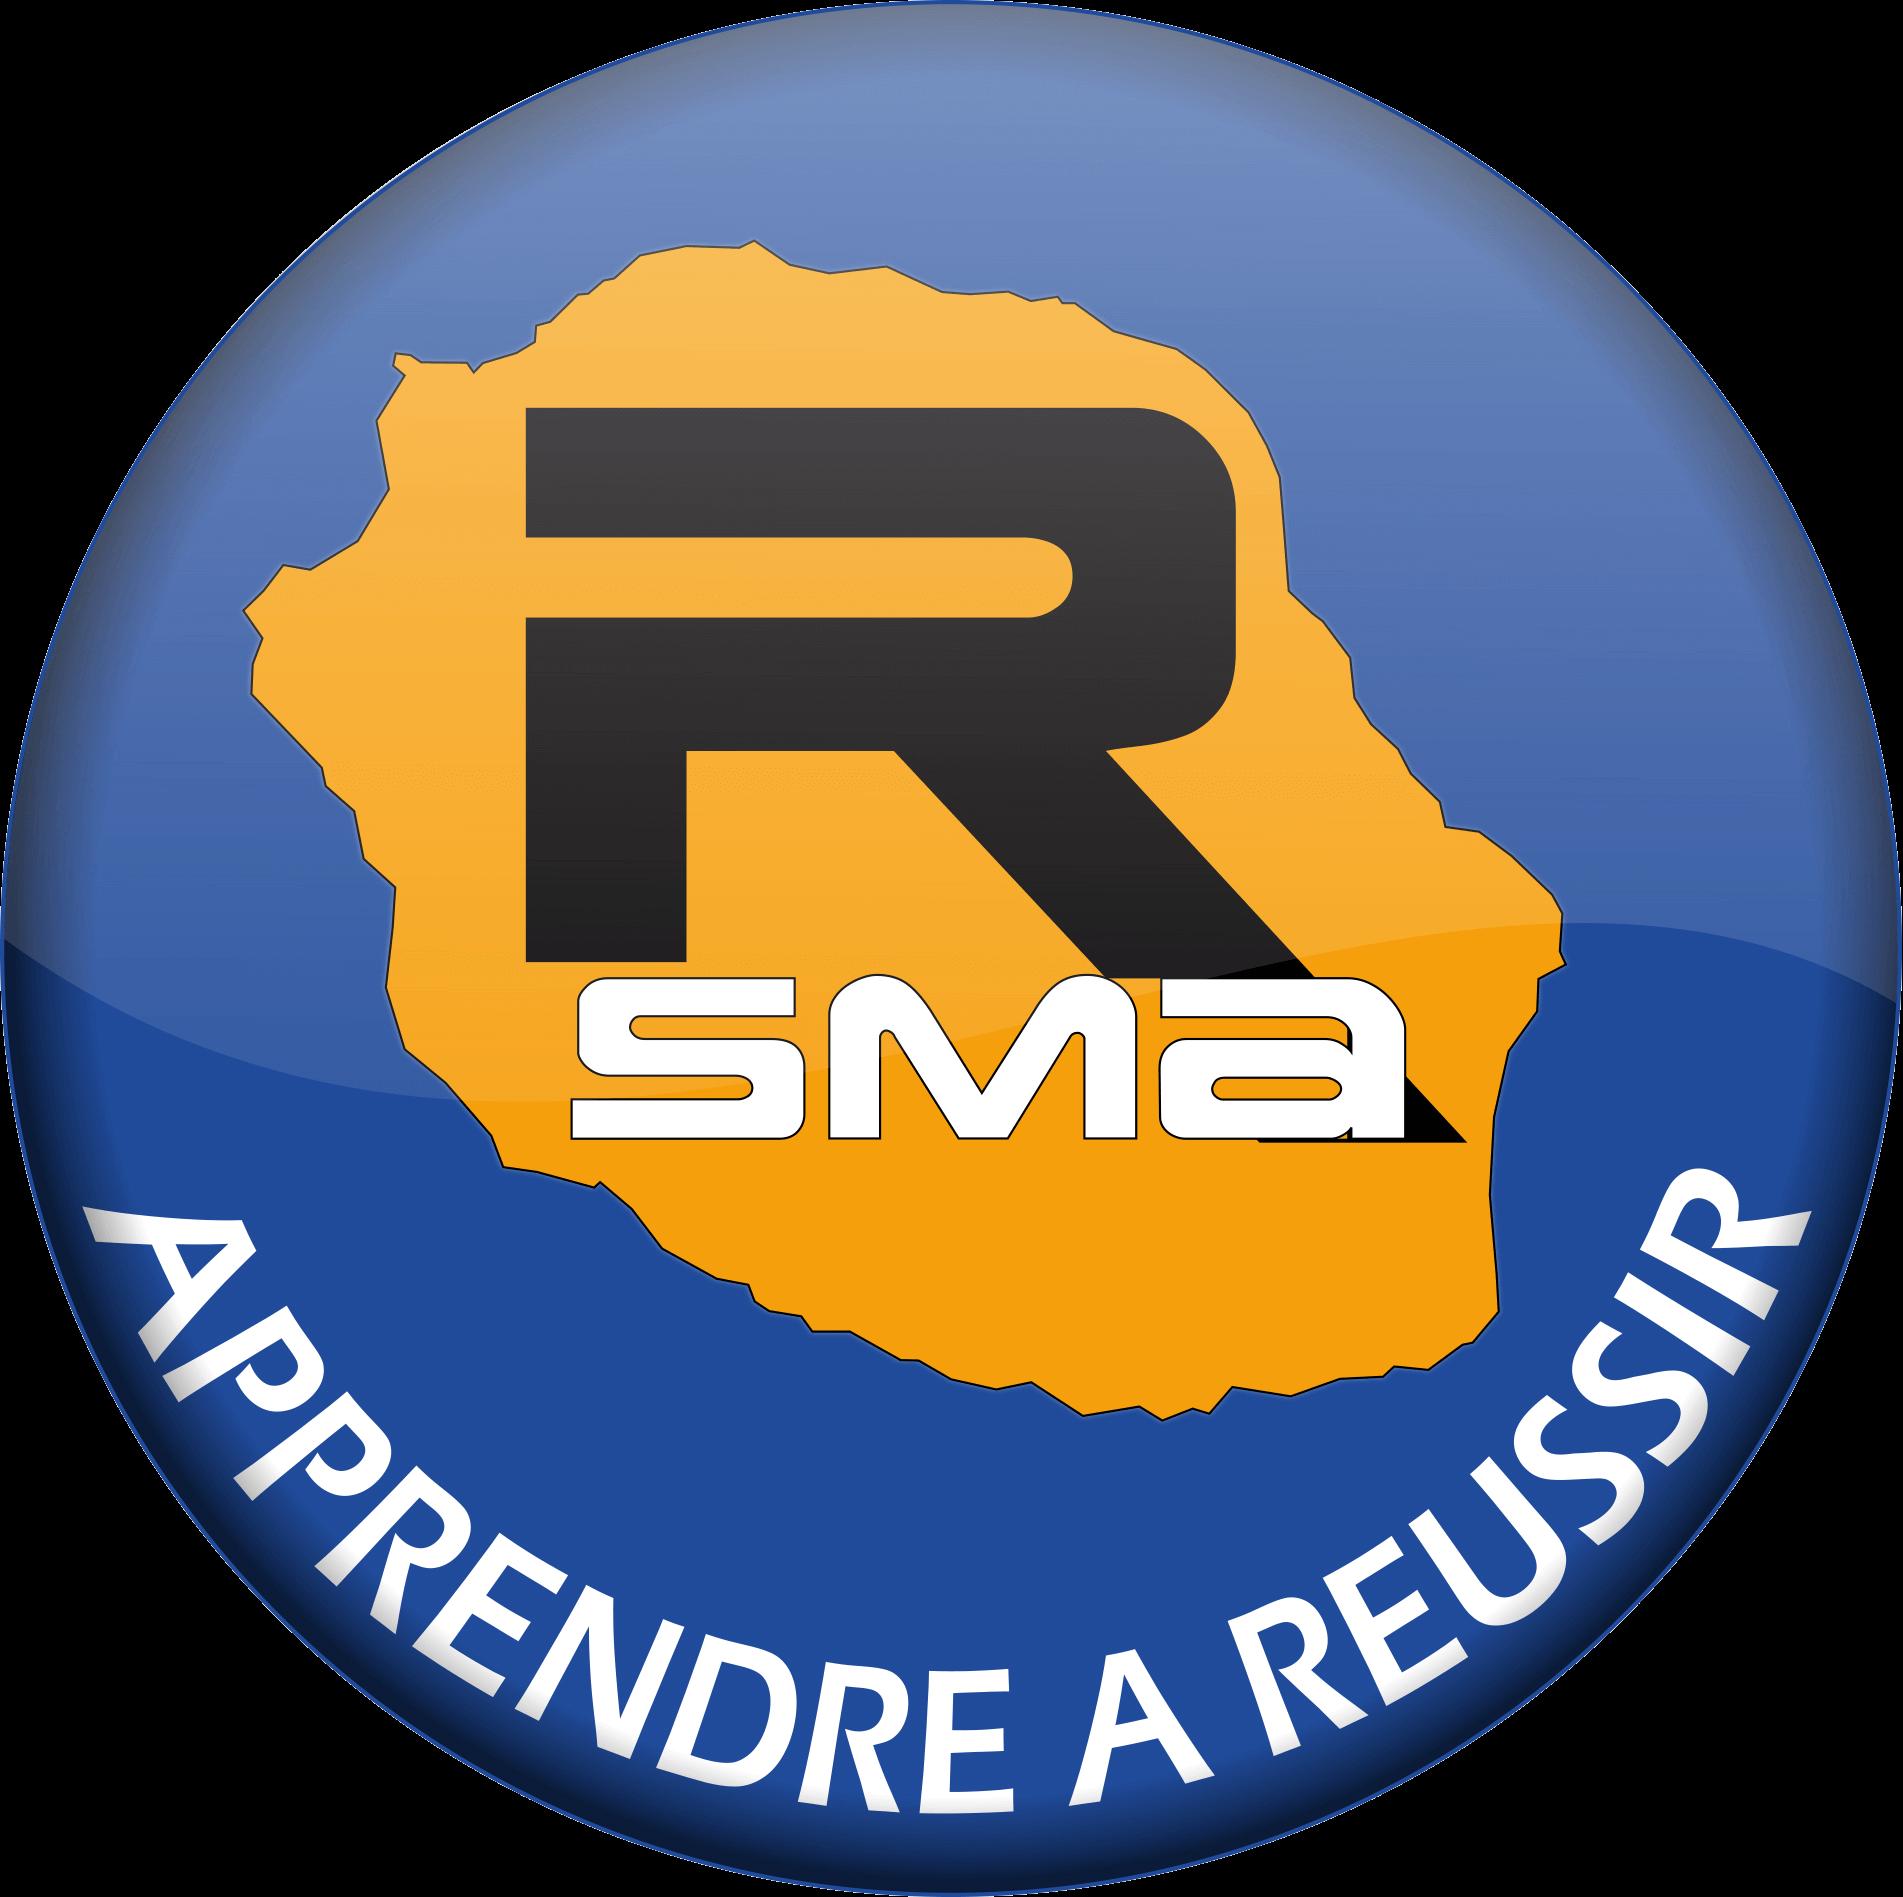 RSMAR